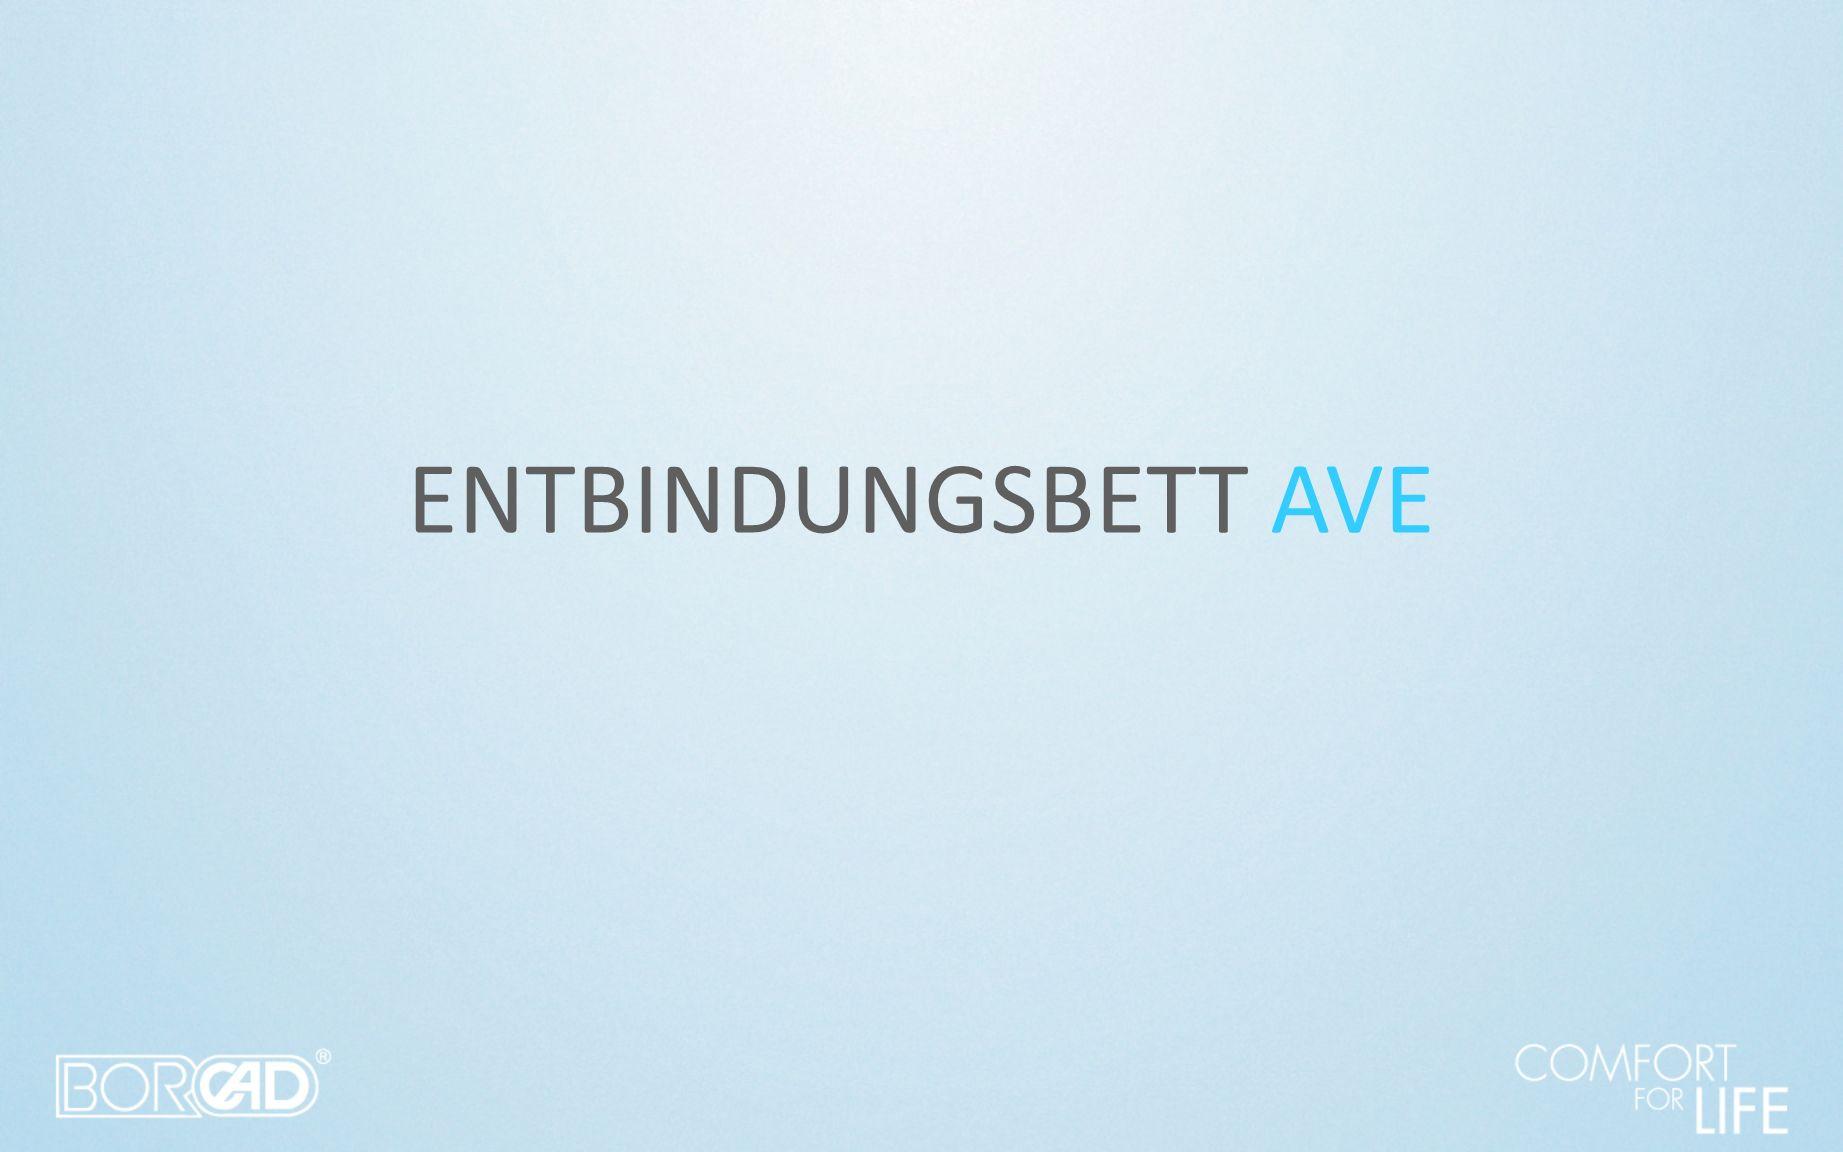 ENTBINDUNGSBETT AVE